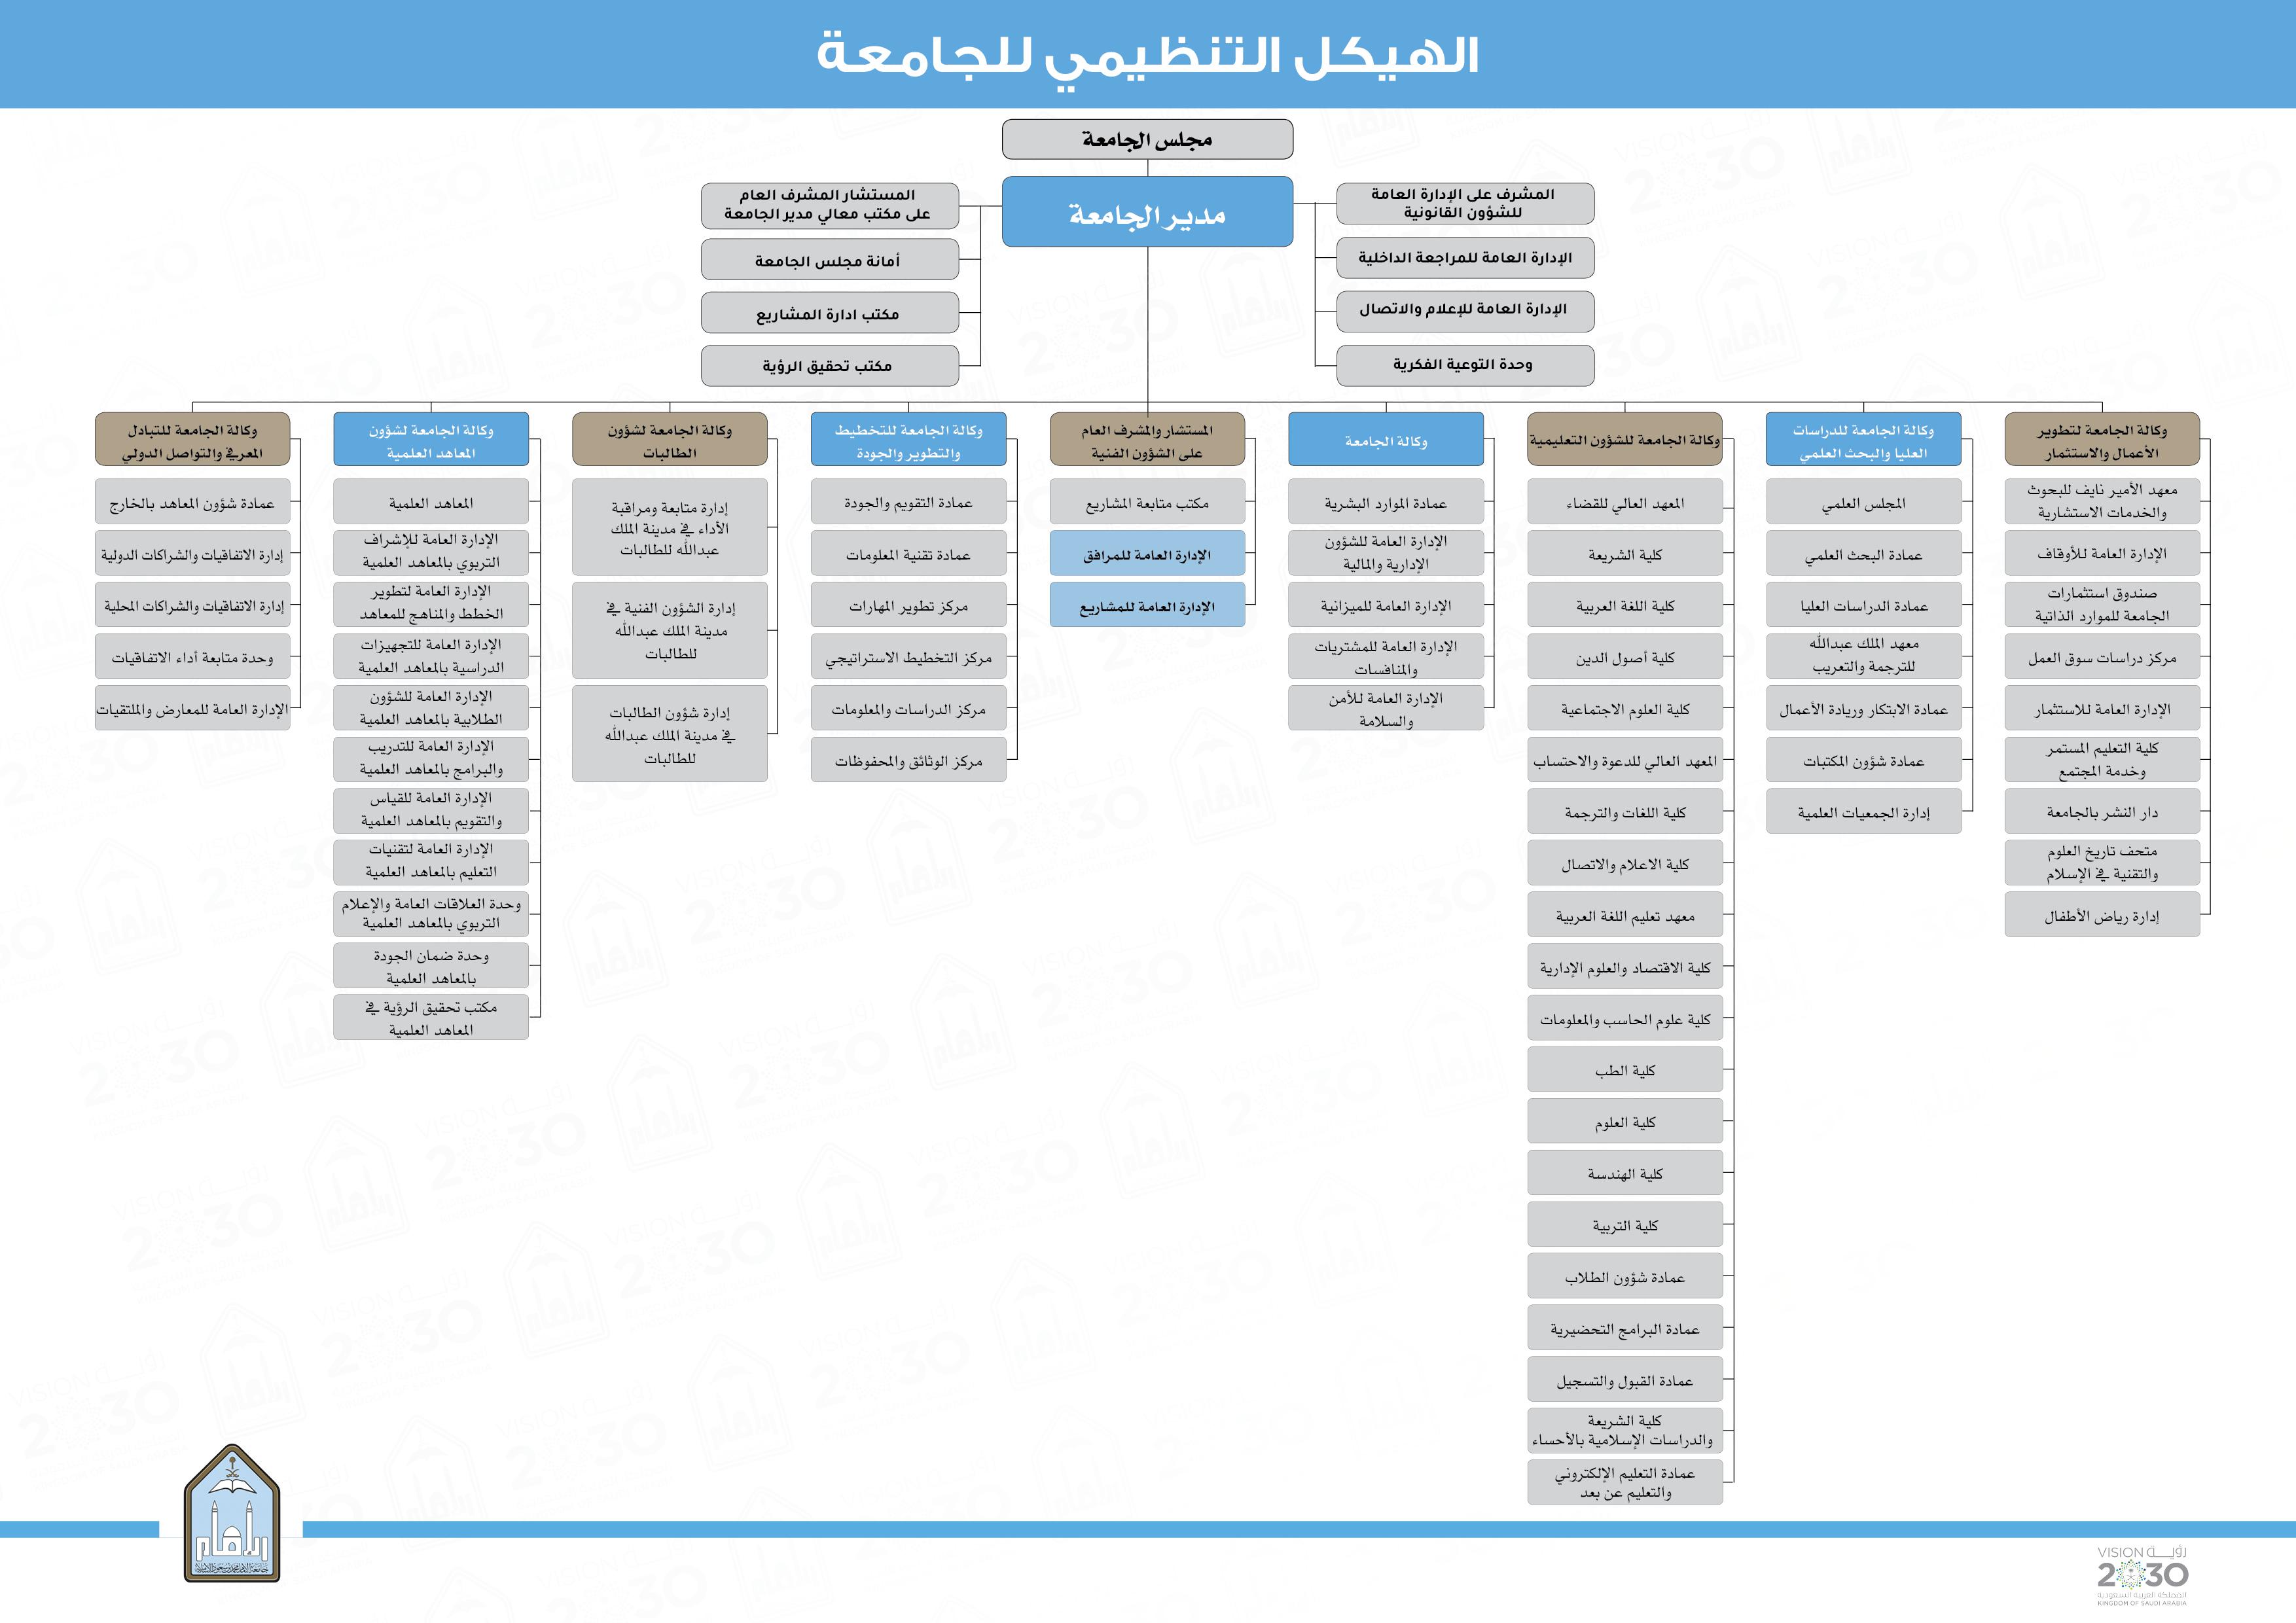 الهيكل التنظيمي للجامعة